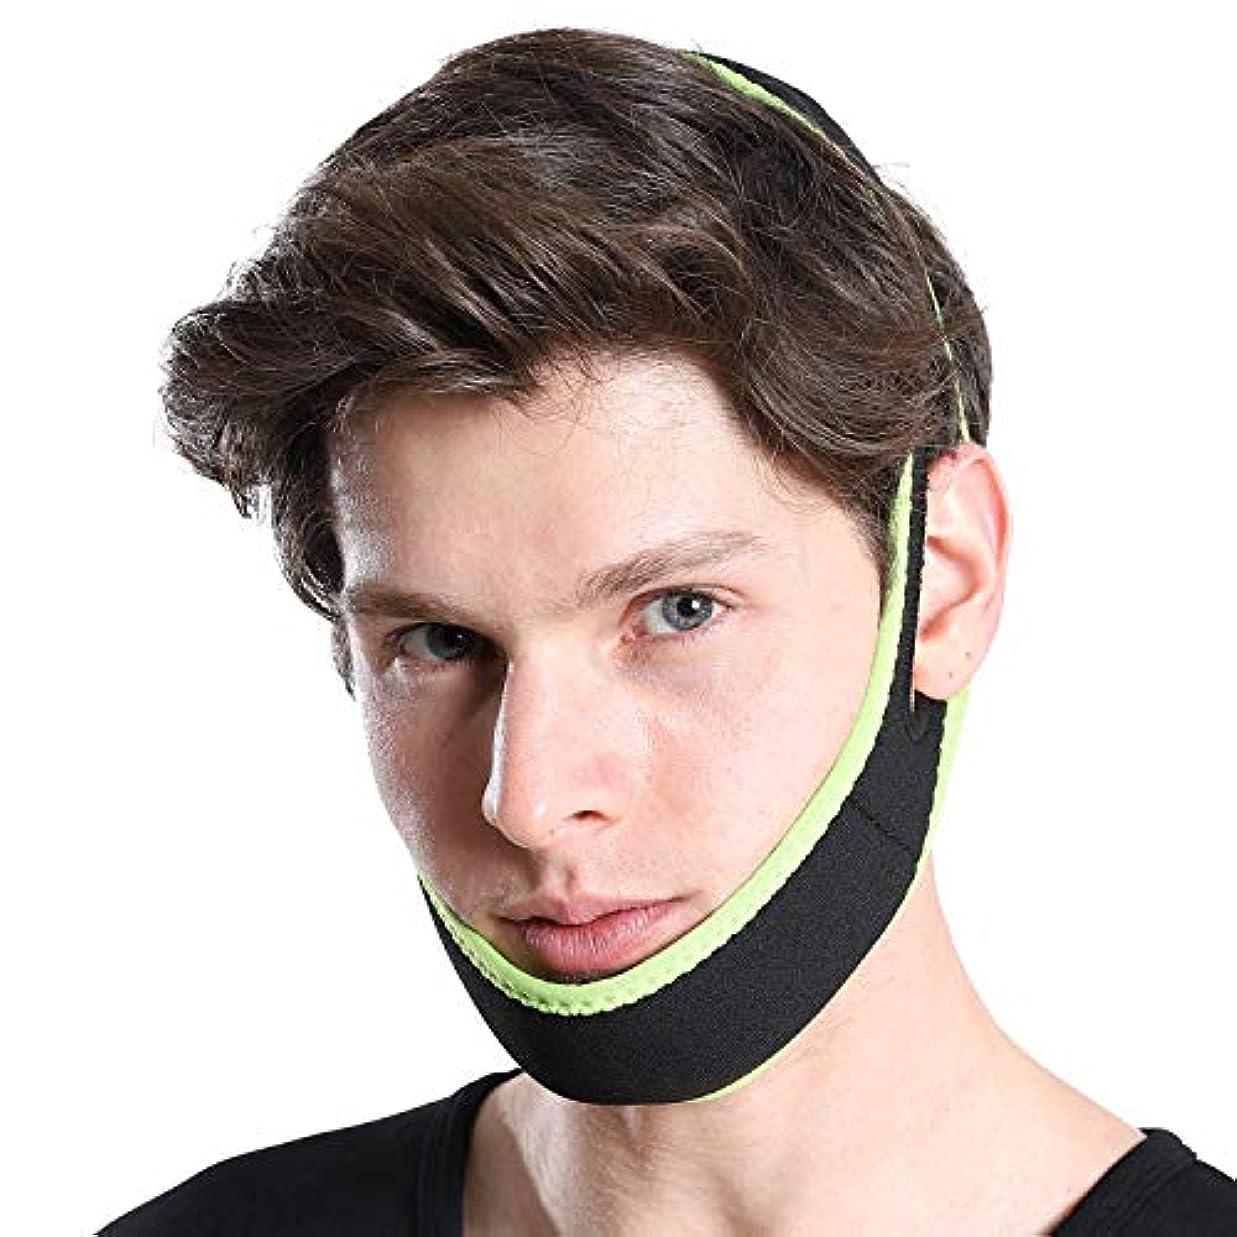 お手伝いさん抜け目がない急降下小顔マスク メンズ ゲルマニウムチタン 配合で 顔痩せ 小顔 リフトアップ!